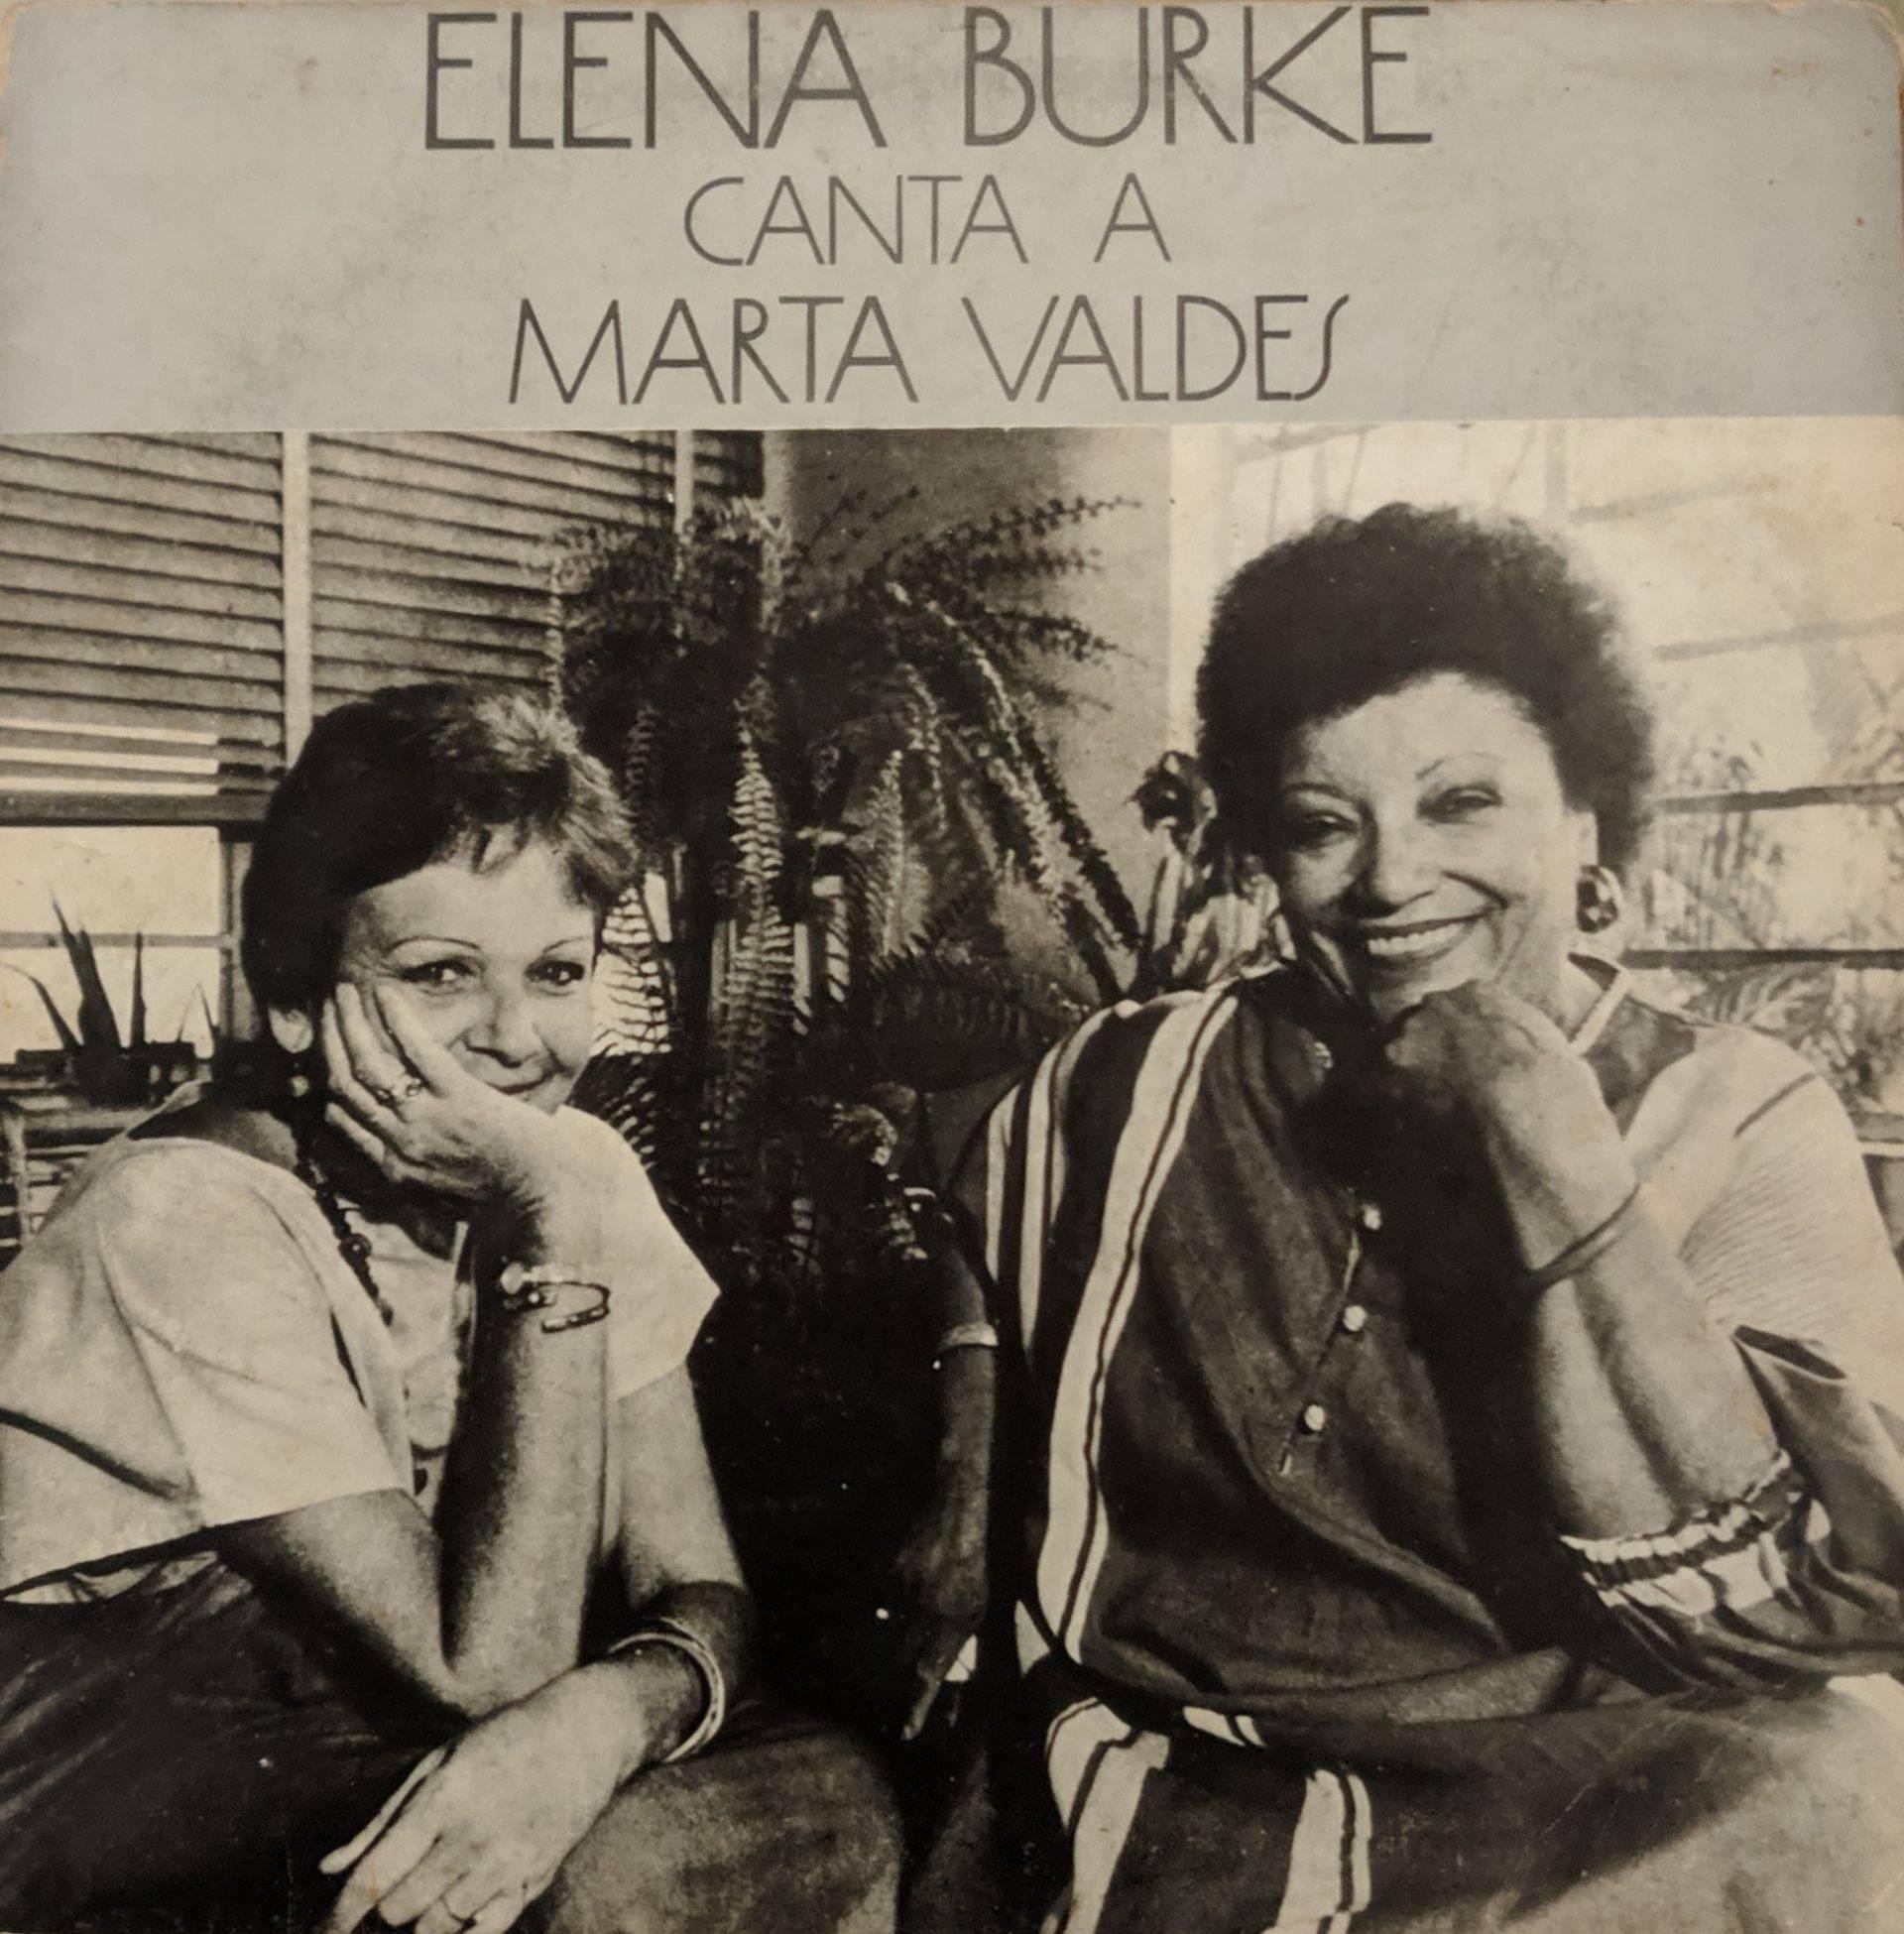 Portada del álbum Elena Burke canta a Marta Valdés.